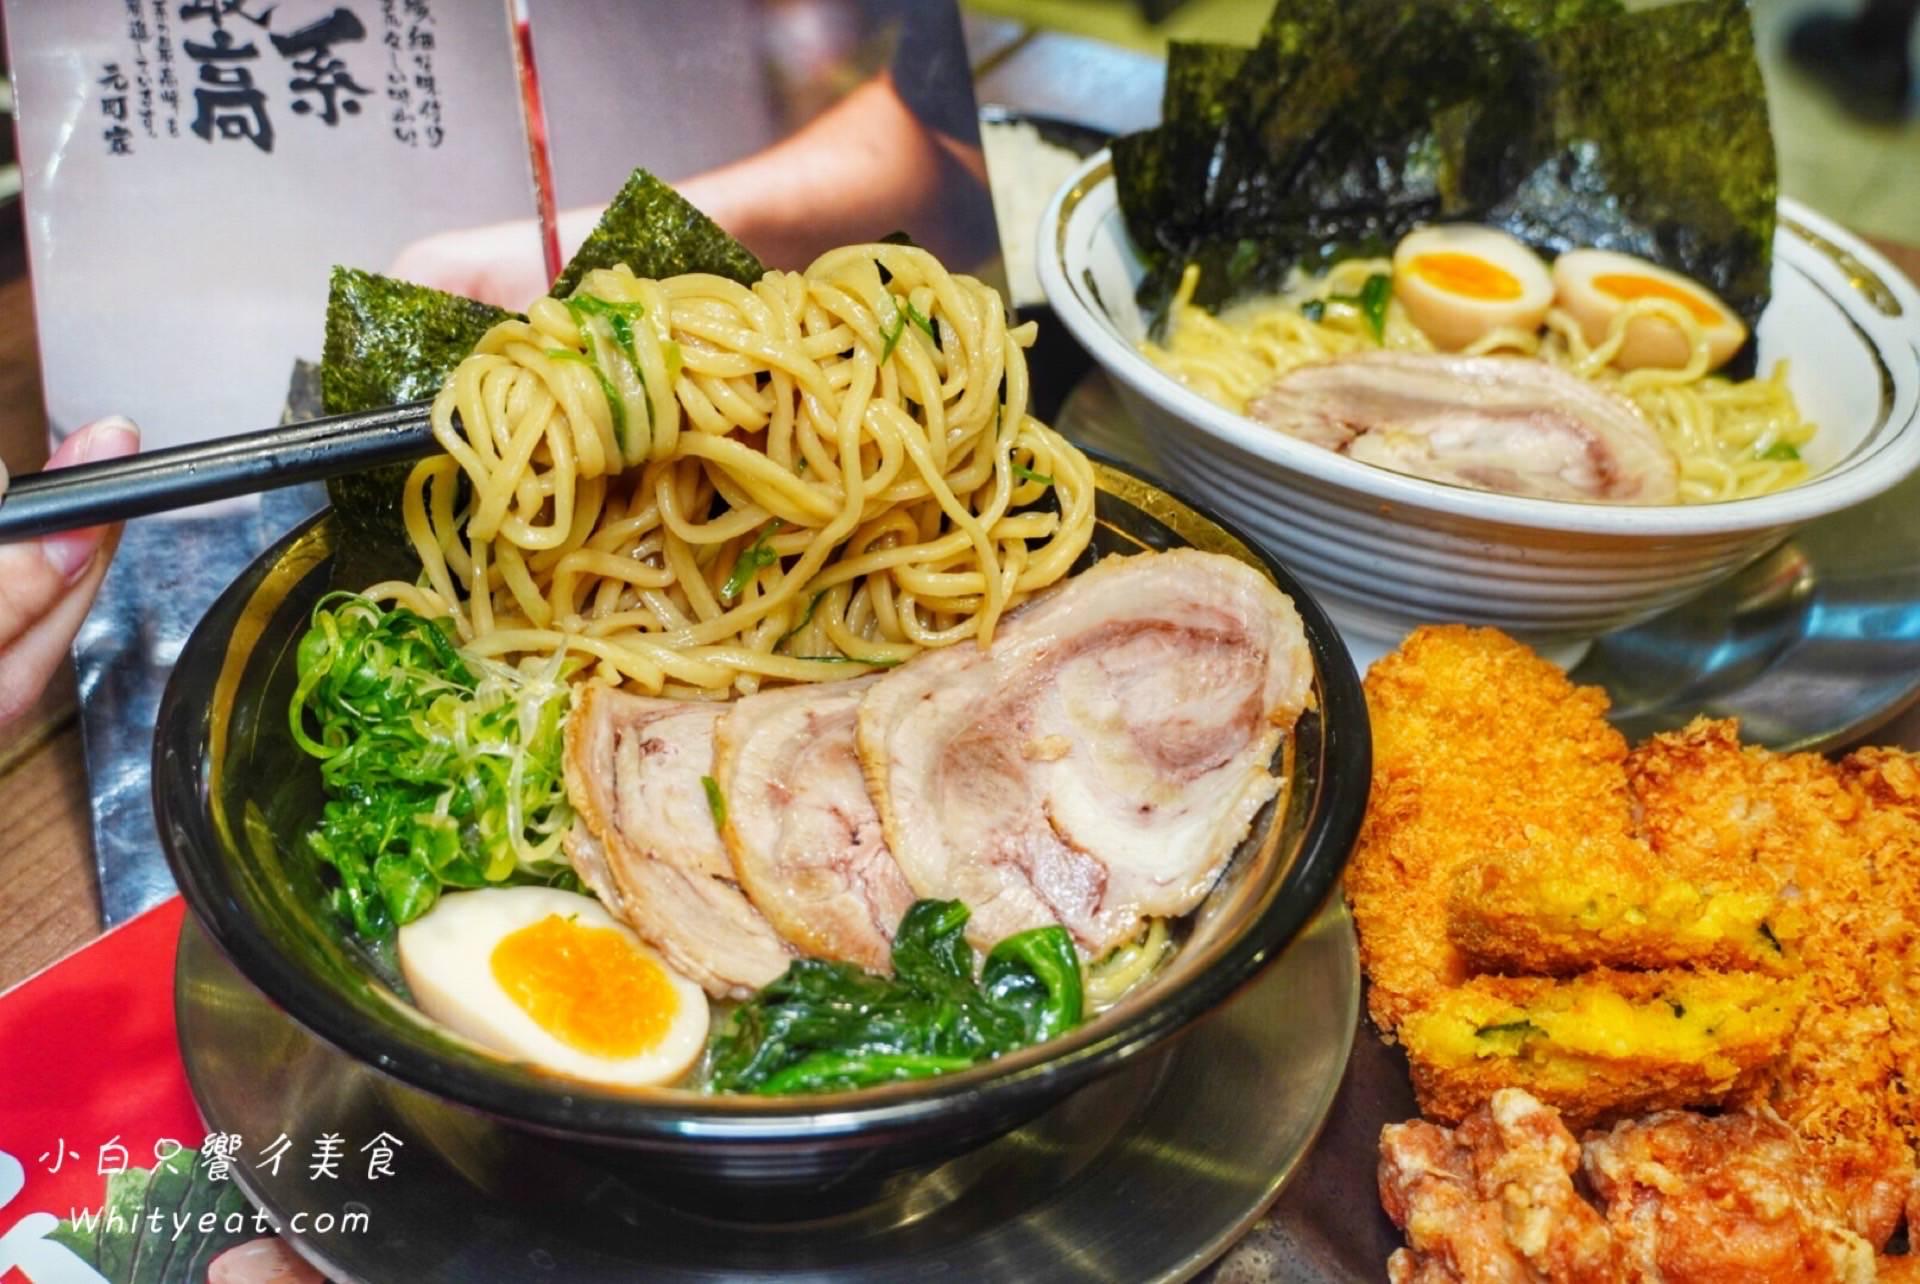 【嘉義美食】全台首家「元町家橫濱家系拉麵」就在嘉義耐斯廣場B1 – 日式豚骨拉麵專門店|嘉義拉麵